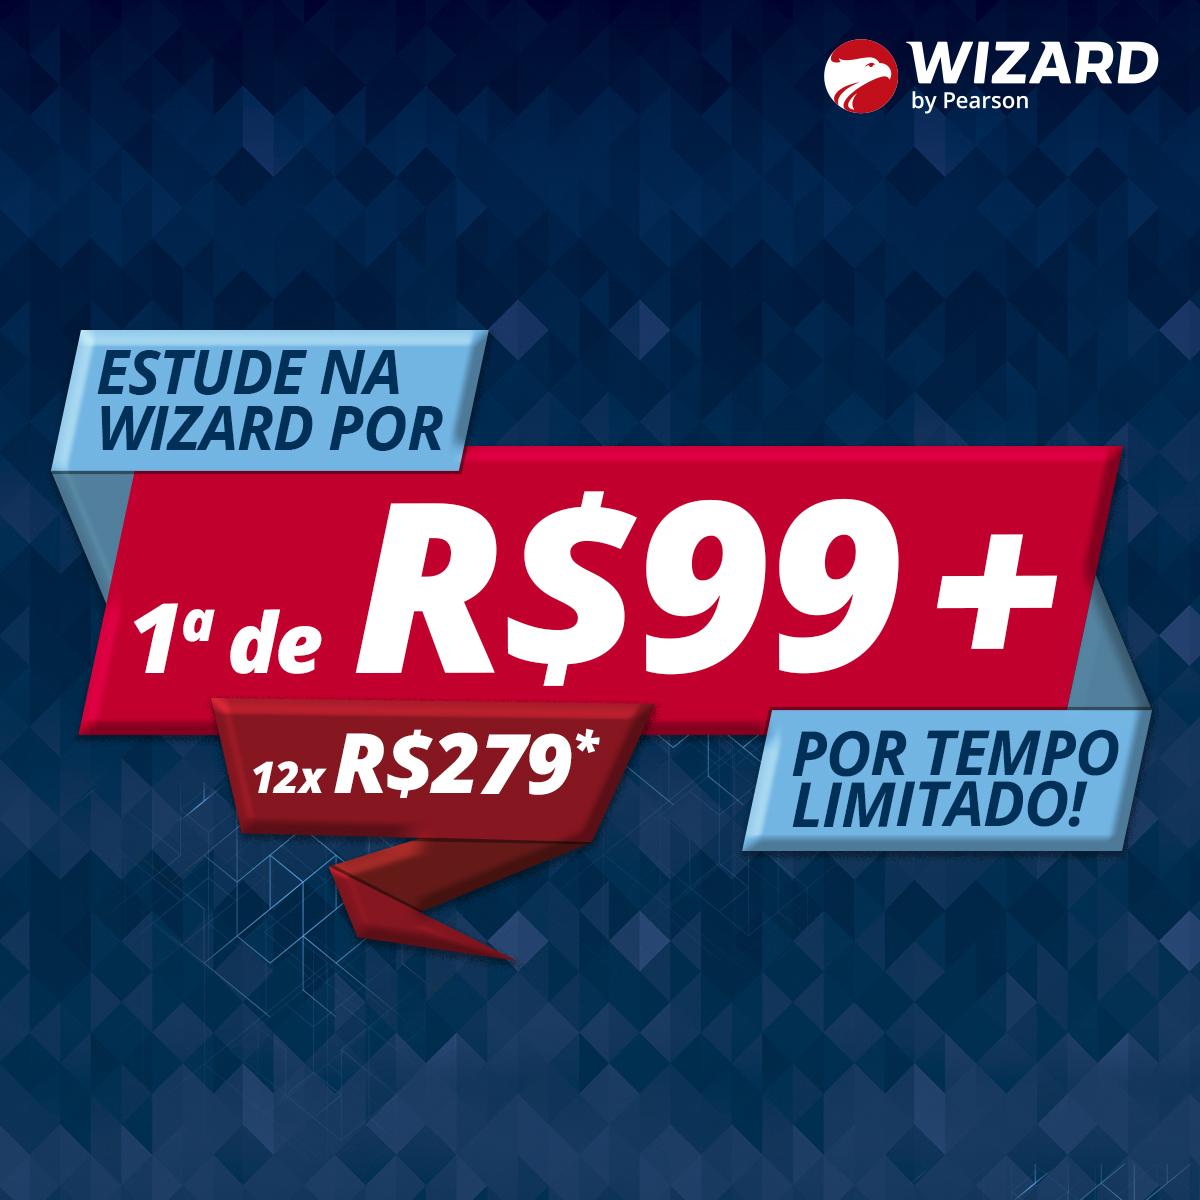 Estude um novo idioma na Wizard por 1ª de R$99 + 12x de R$279! É por tempo limitado!